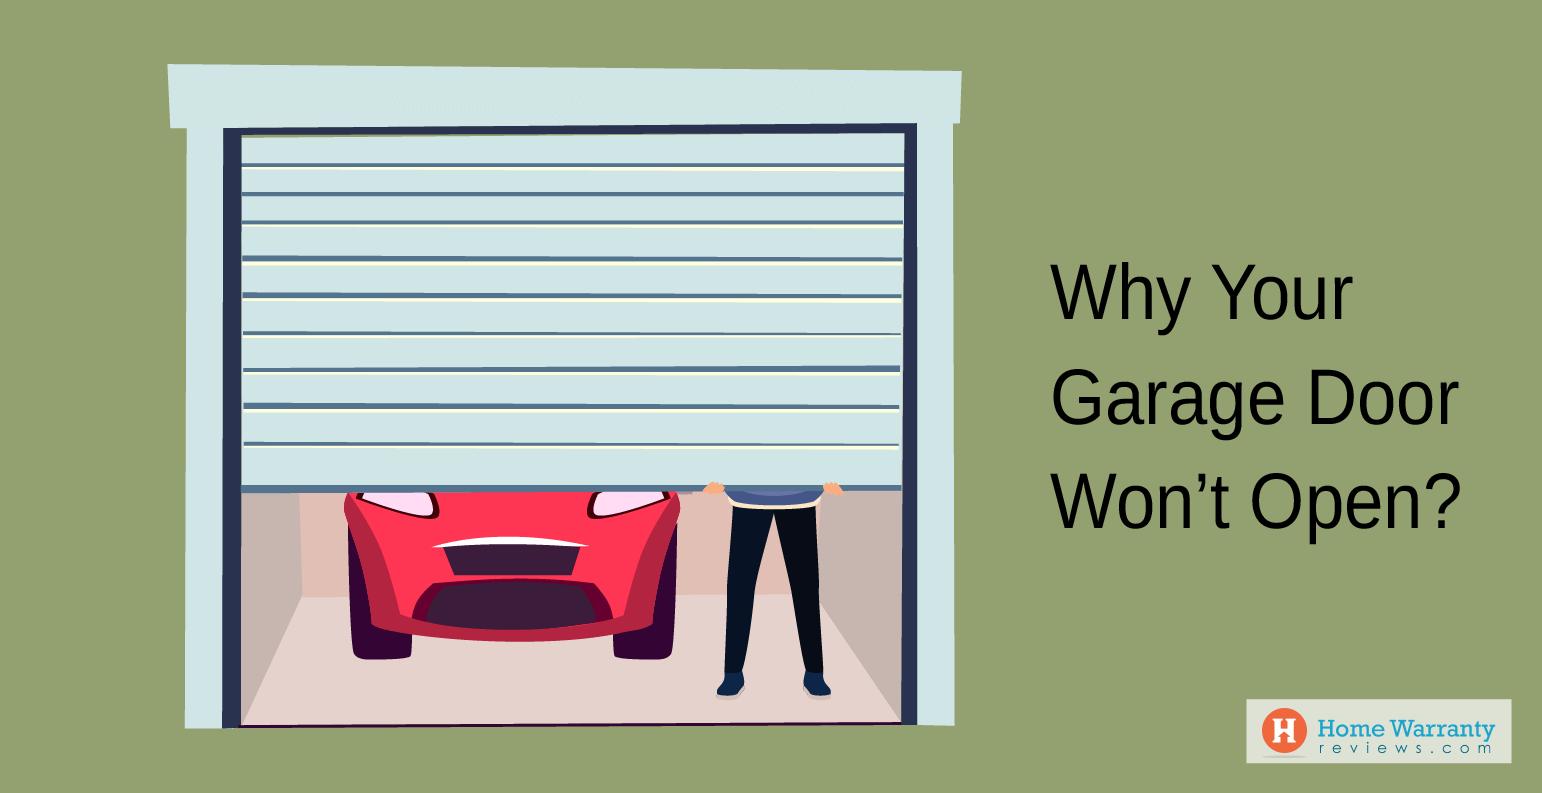 Why Your Garage Door Won't Open?